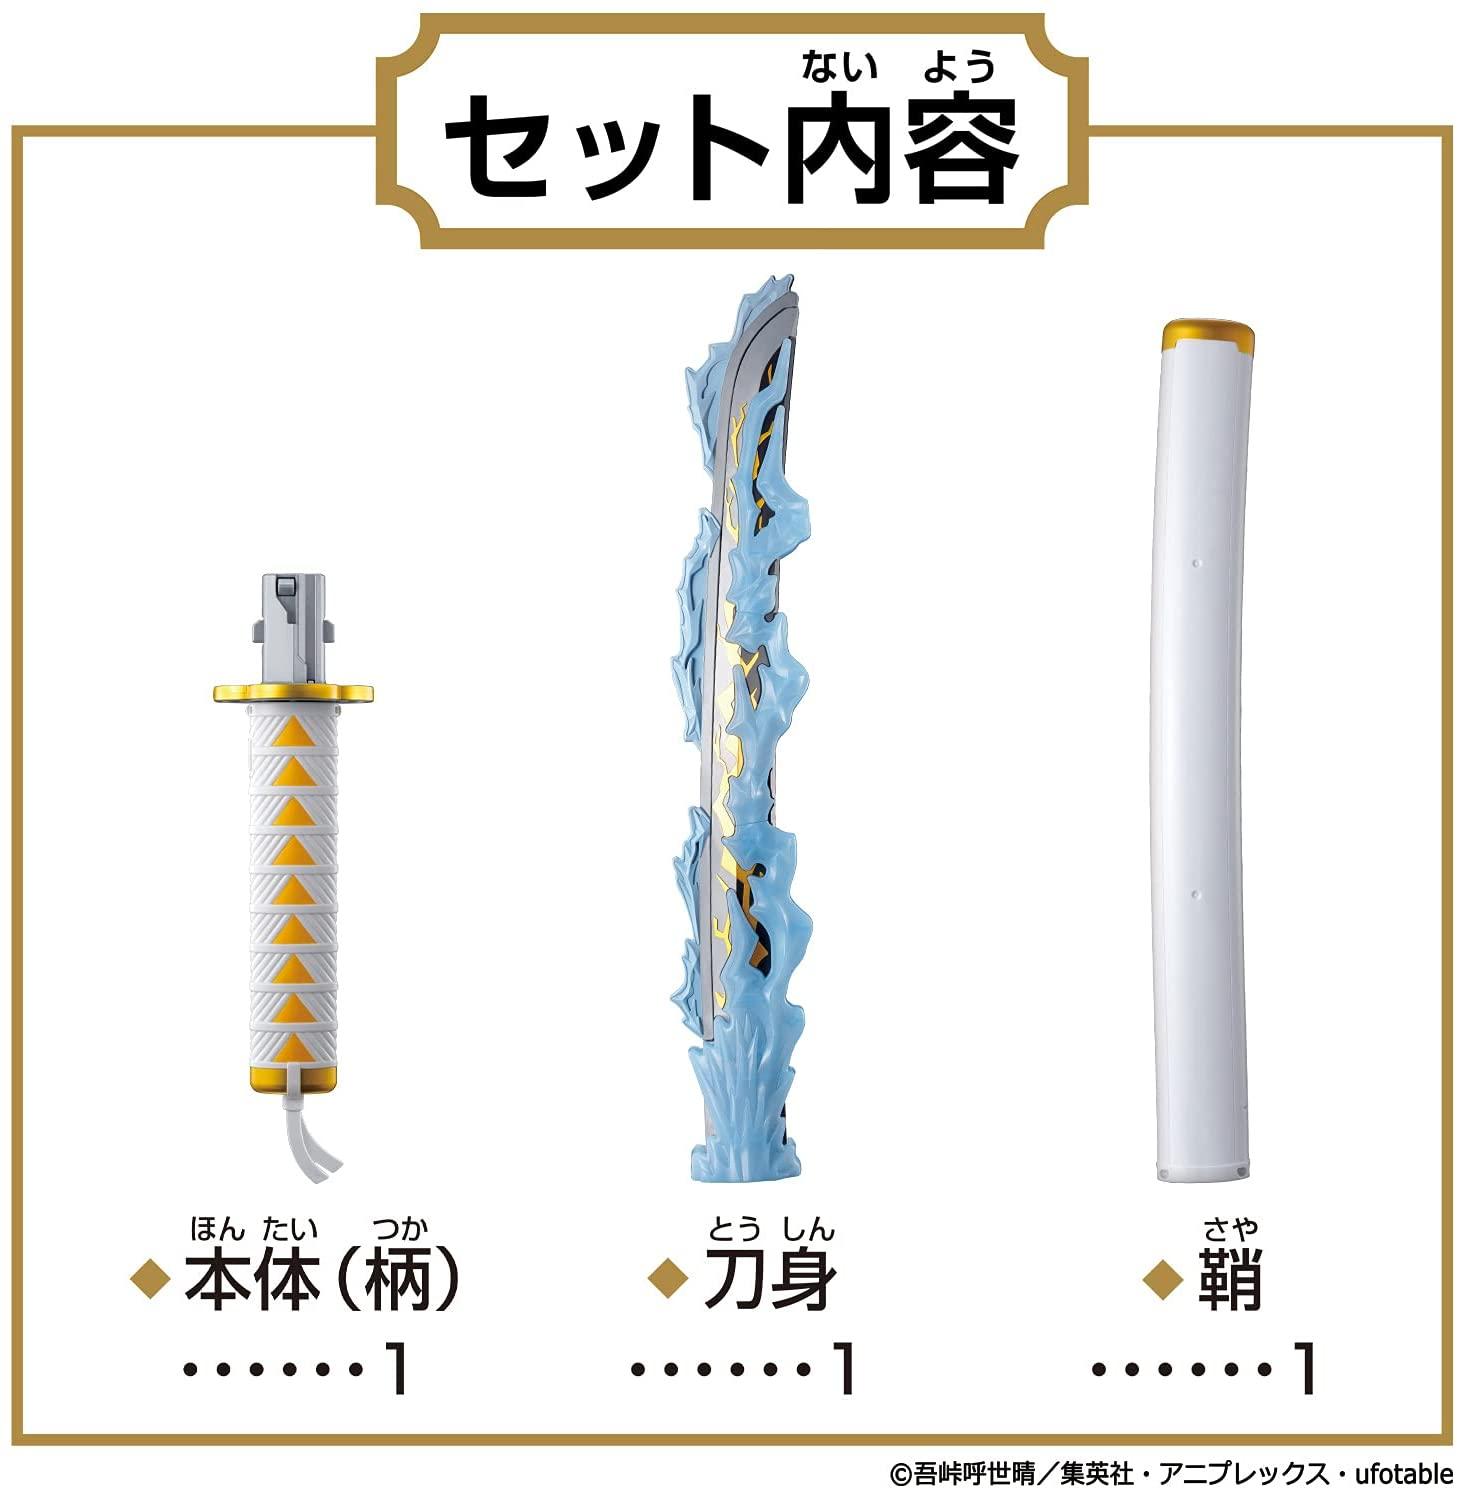 鬼滅の刃『DX日輪刀~我妻善逸~』変身なりきり-003